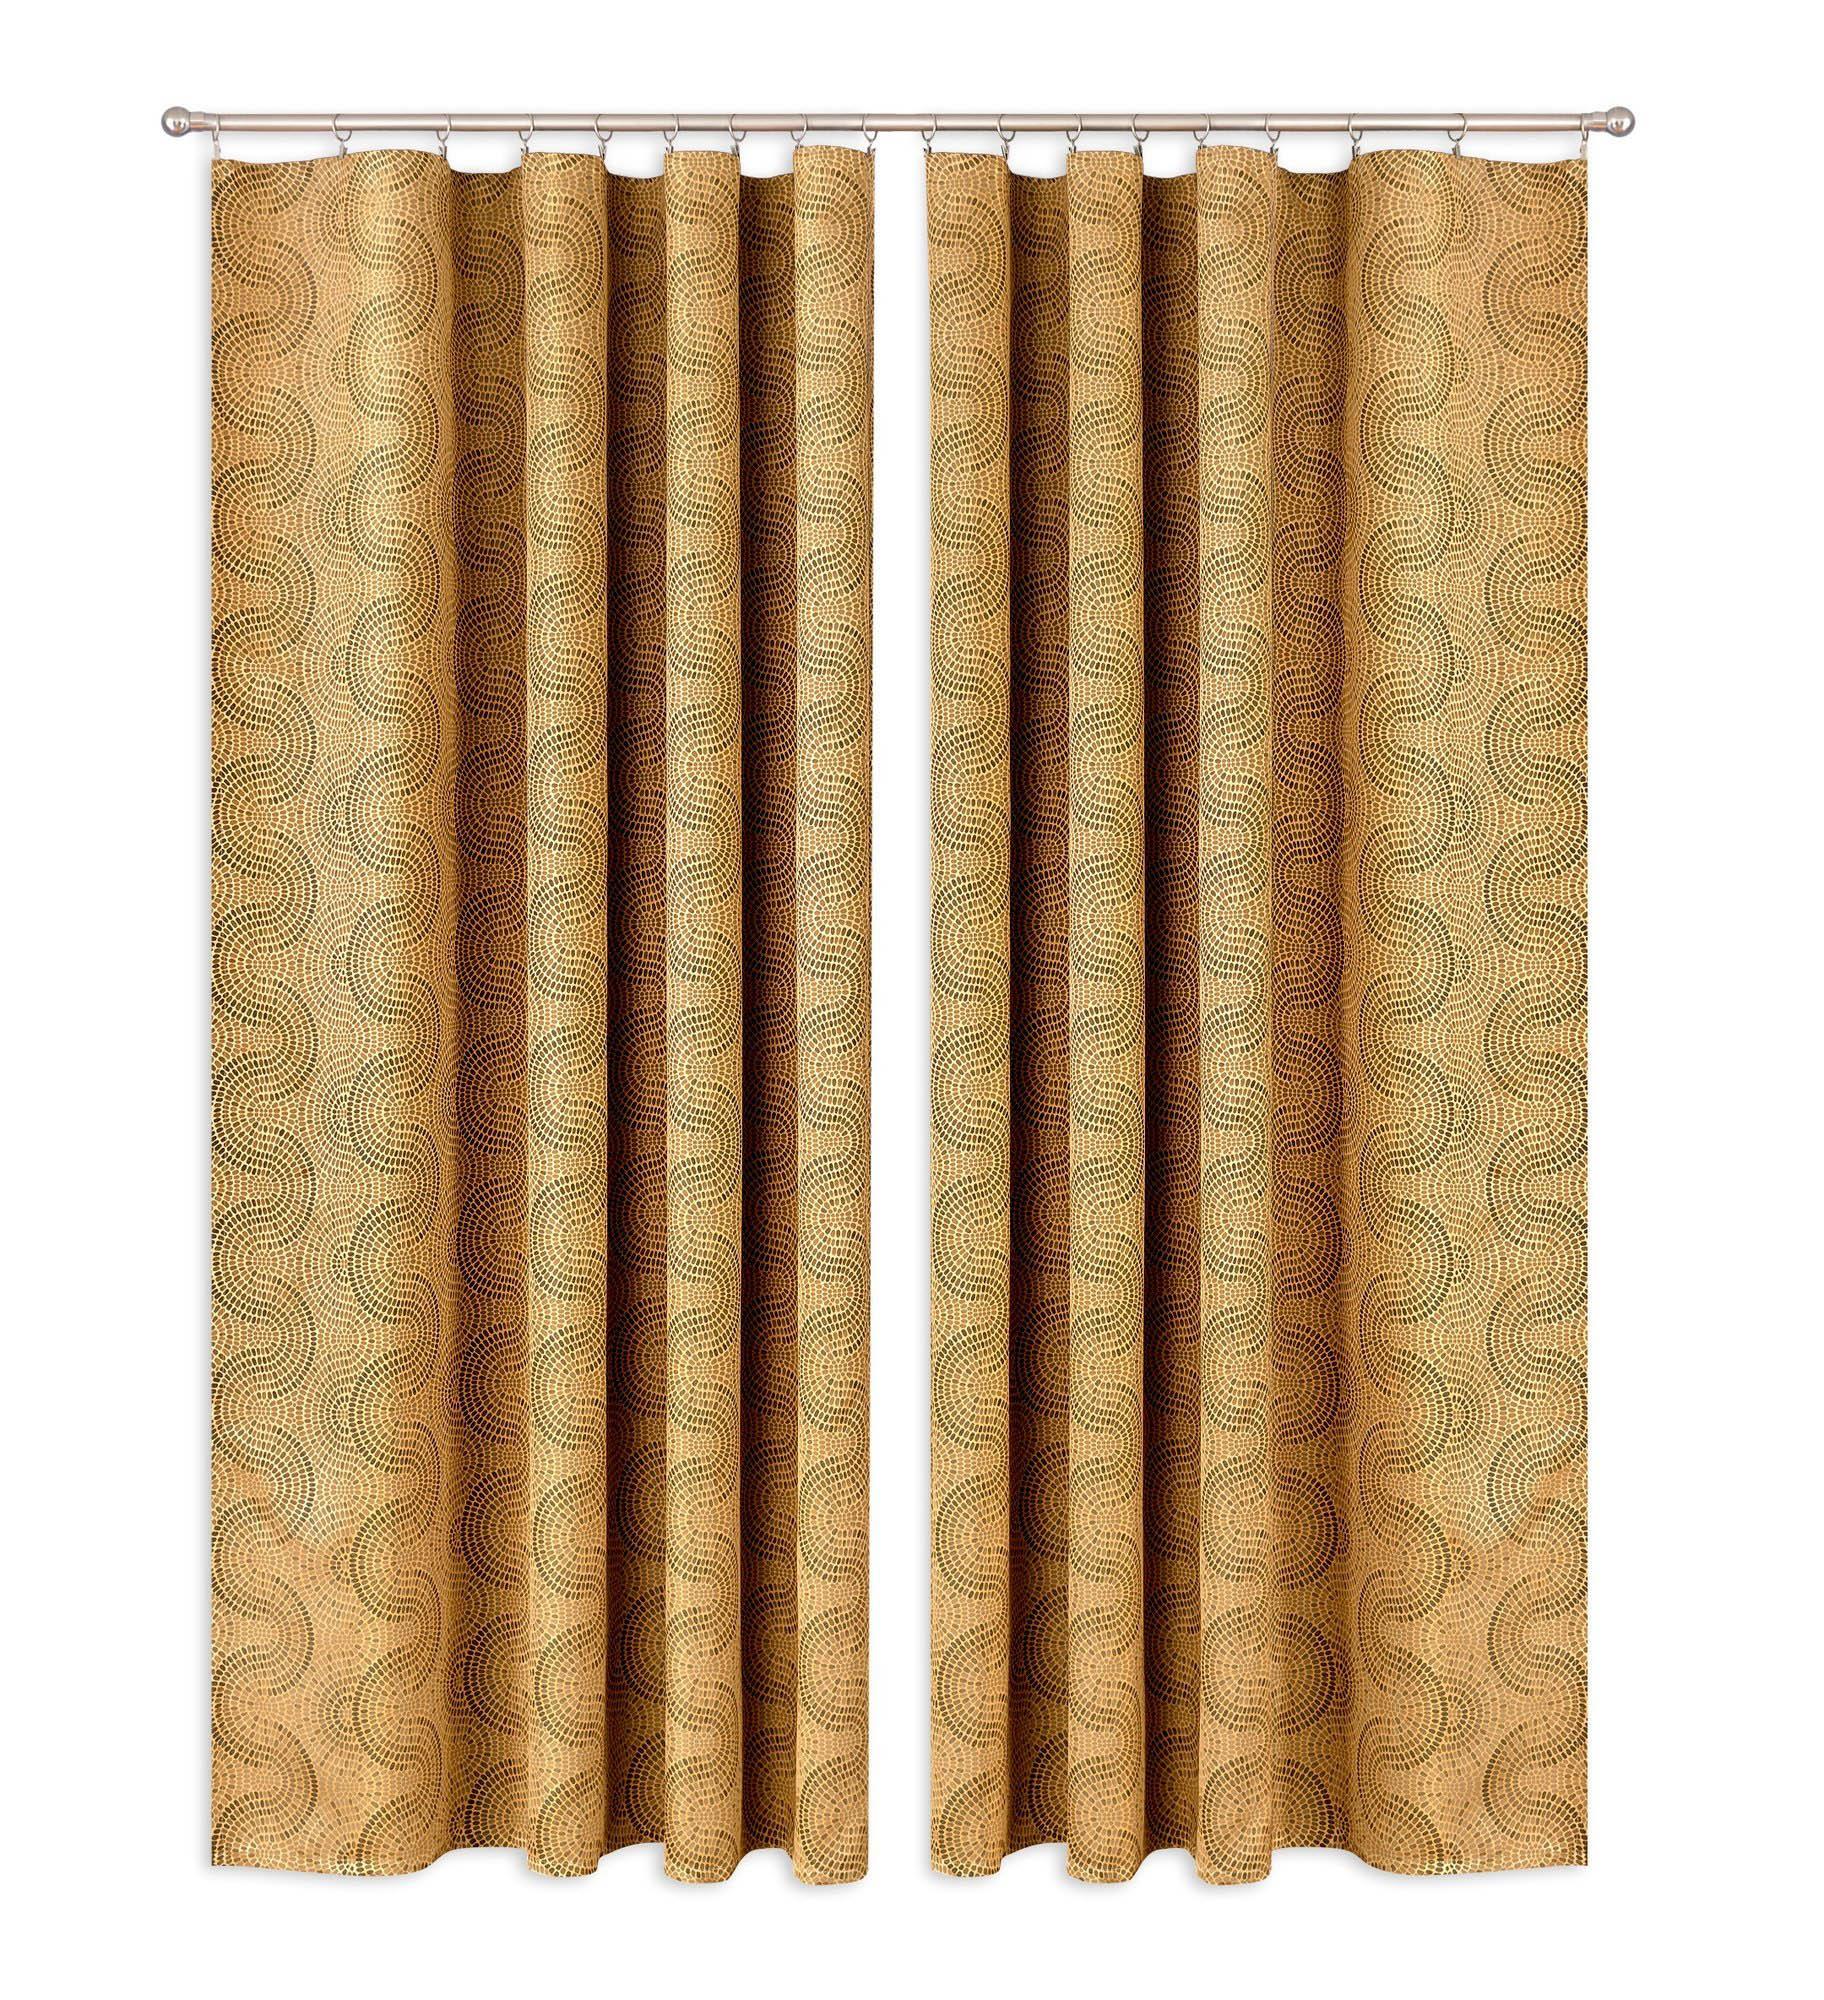 Шторы Primavera Классические шторы Delicia Цвет: Золотой шторы tac классические шторы winx цвет персиковый 200x265 см